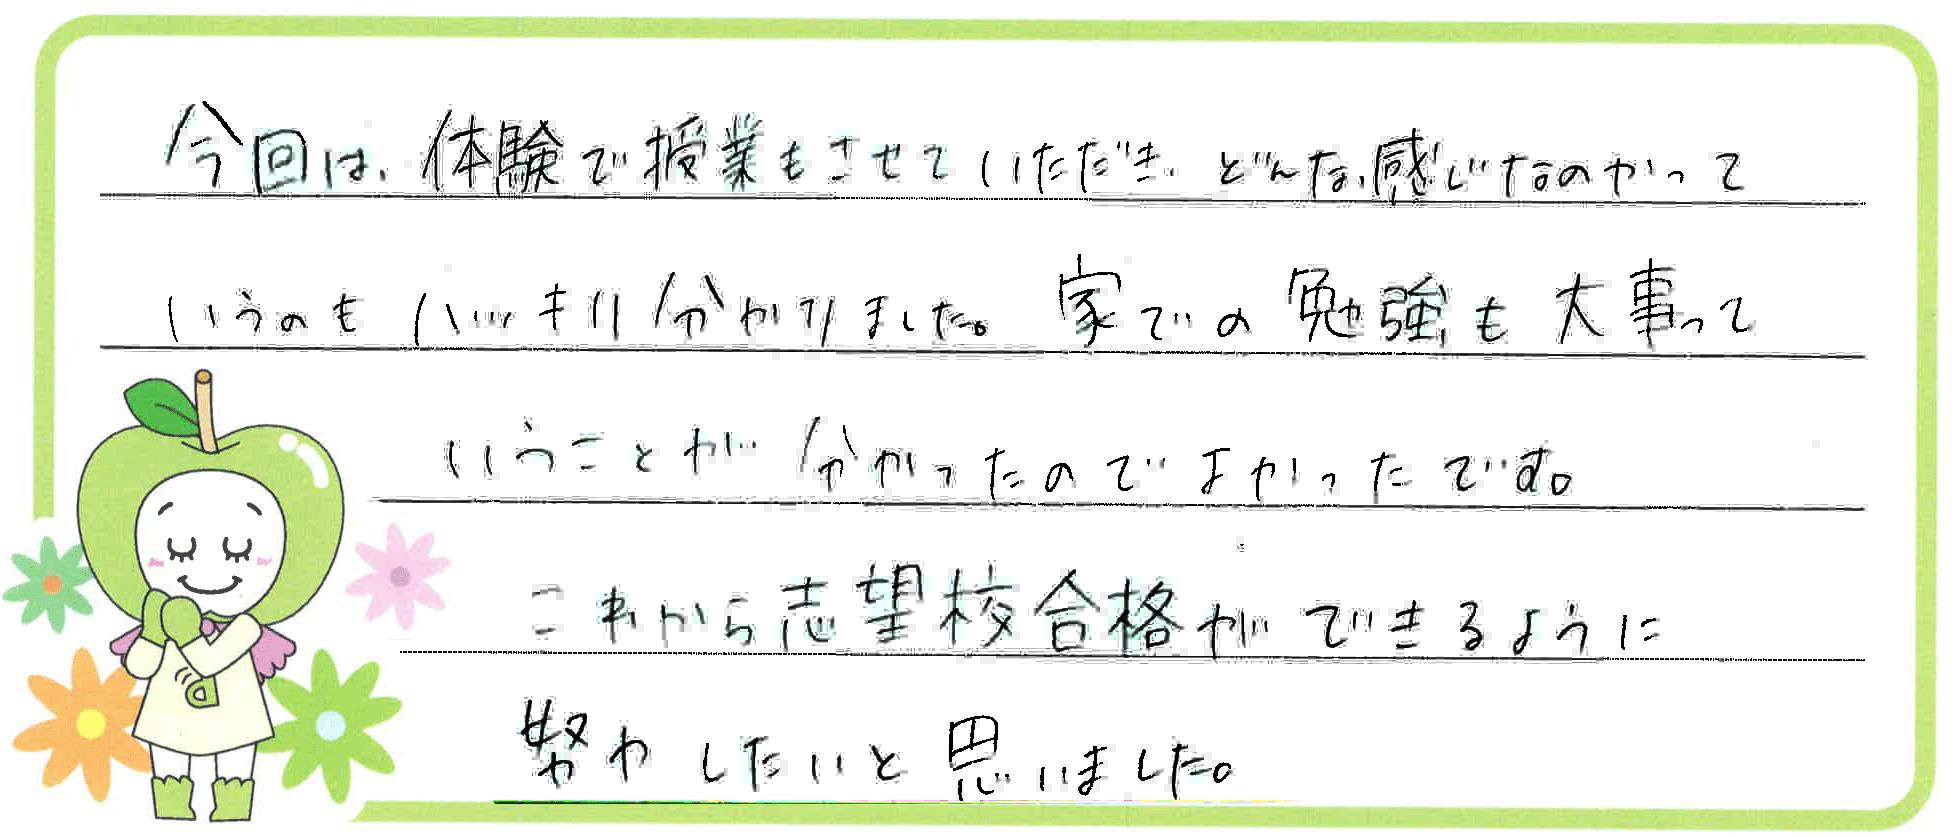 ゆうなちゃん(大洲市)からの口コミ